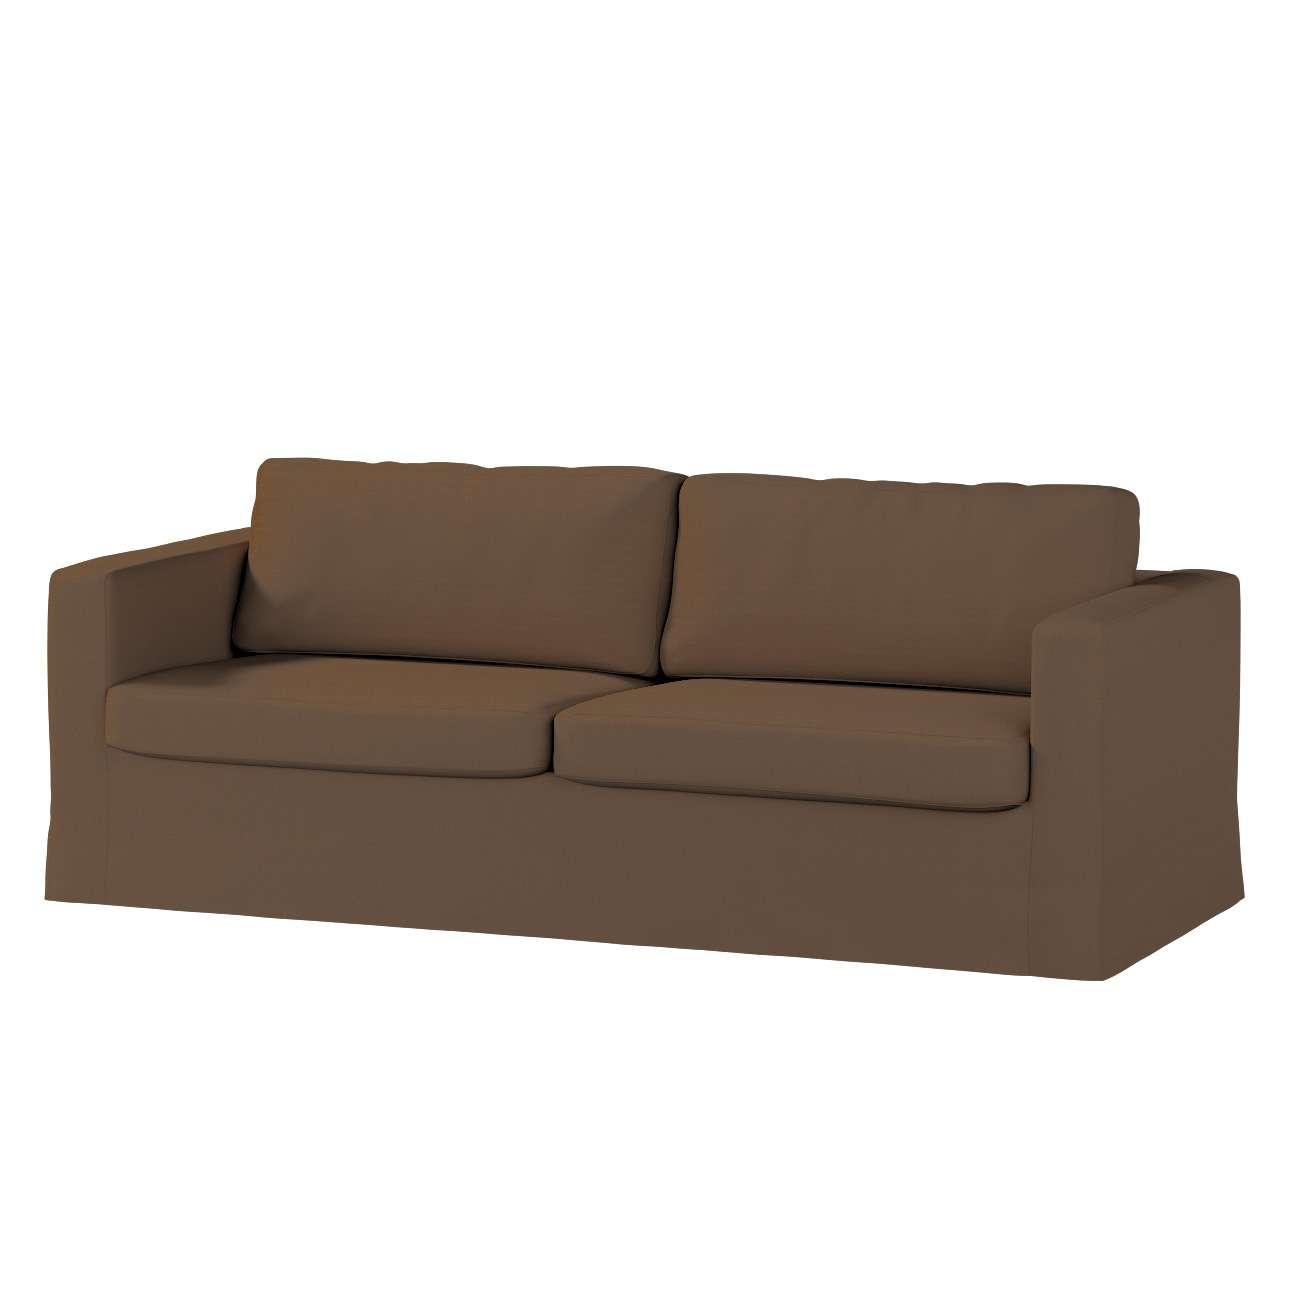 Potah na pohovku IKEA  Karlstad 3-místná, nerozkládací, dlouhý pohovka Karlstad 3-místná v kolekci Cotton Panama, látka: 702-02